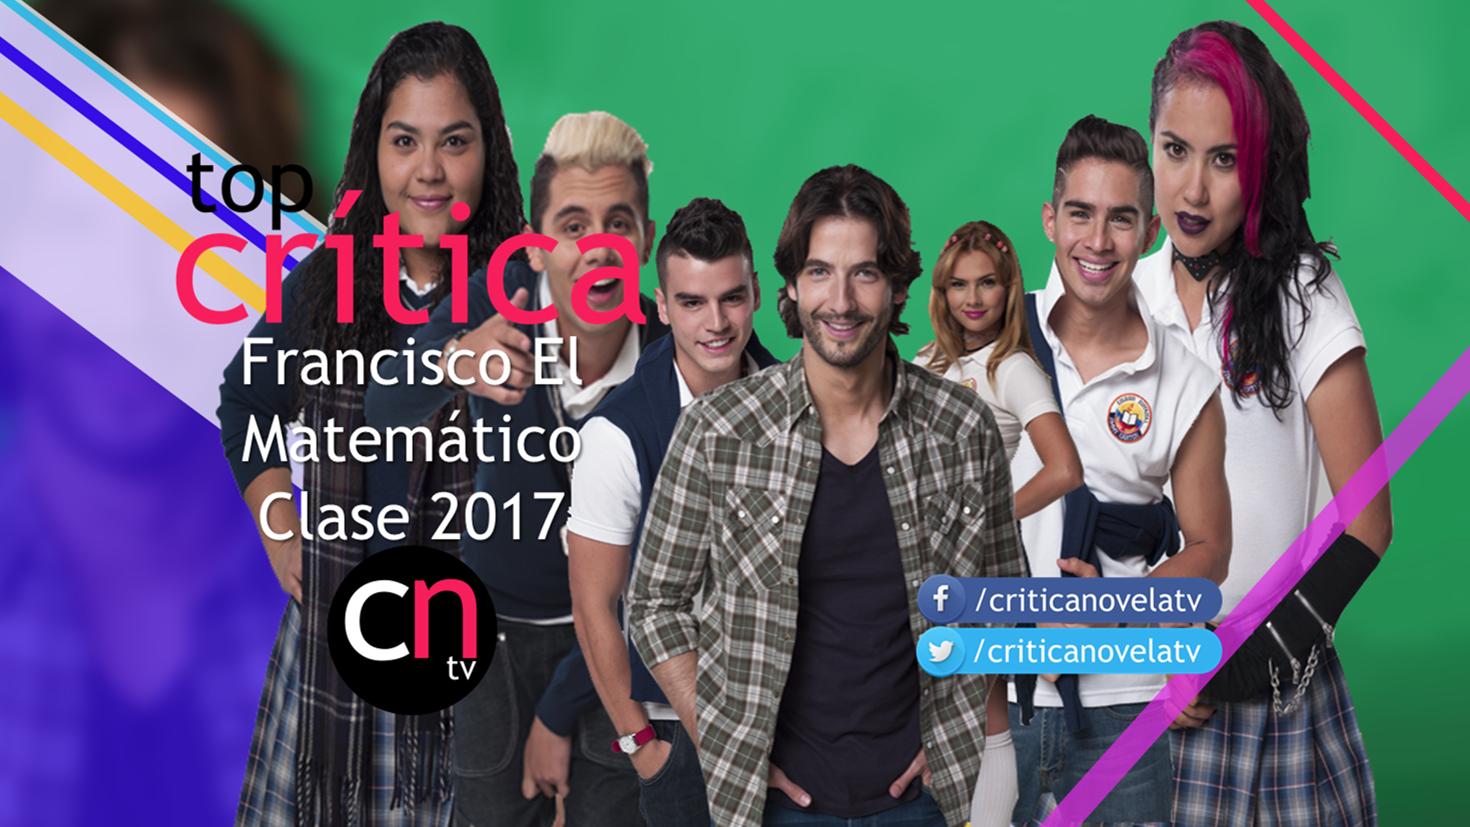 Topcr Tica Francisco El Matem Tico Clase 2017 Cr Tica Novela Tv -> Tv Novelas Sala De Urgencias